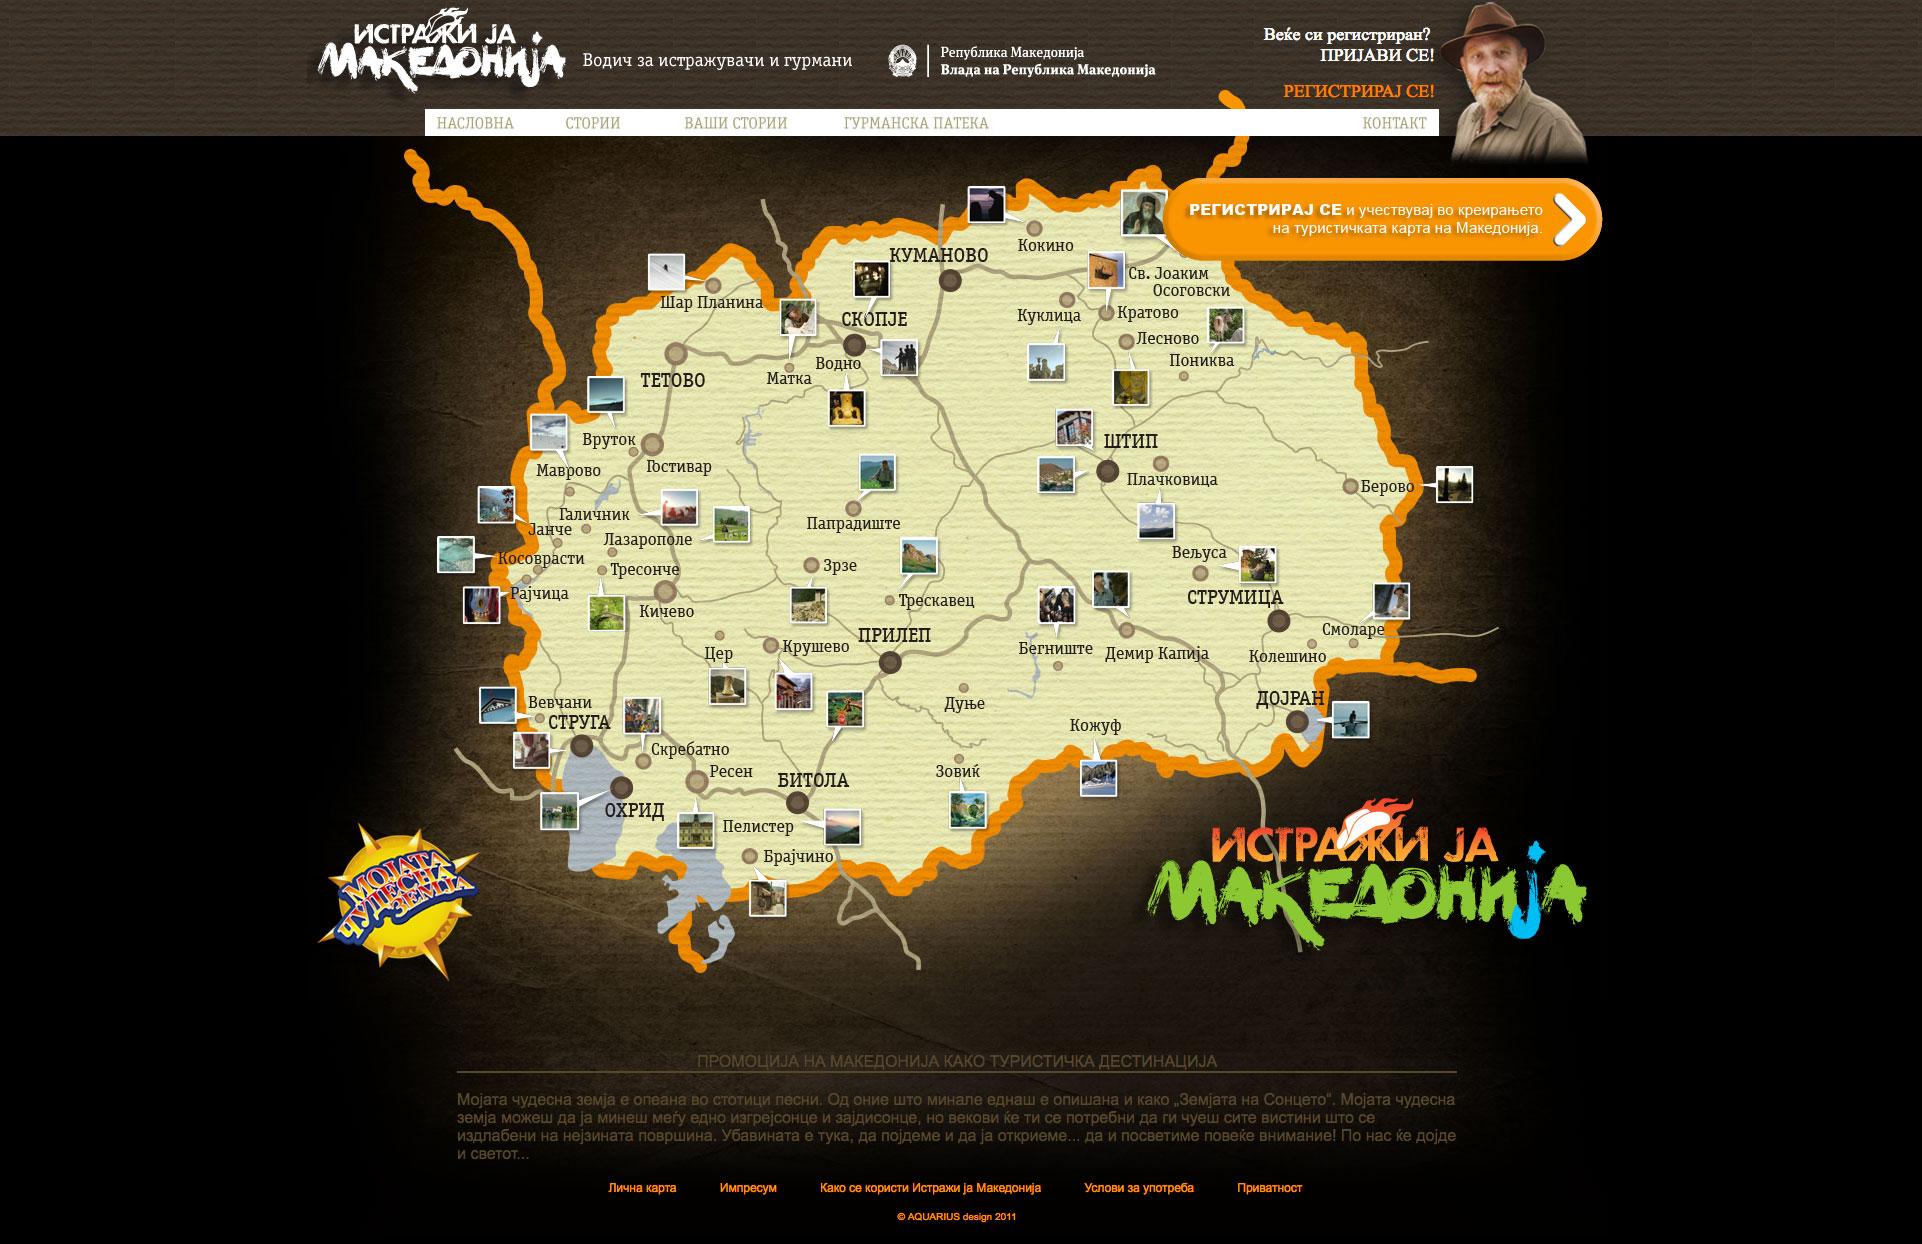 Истражи ја Македонија